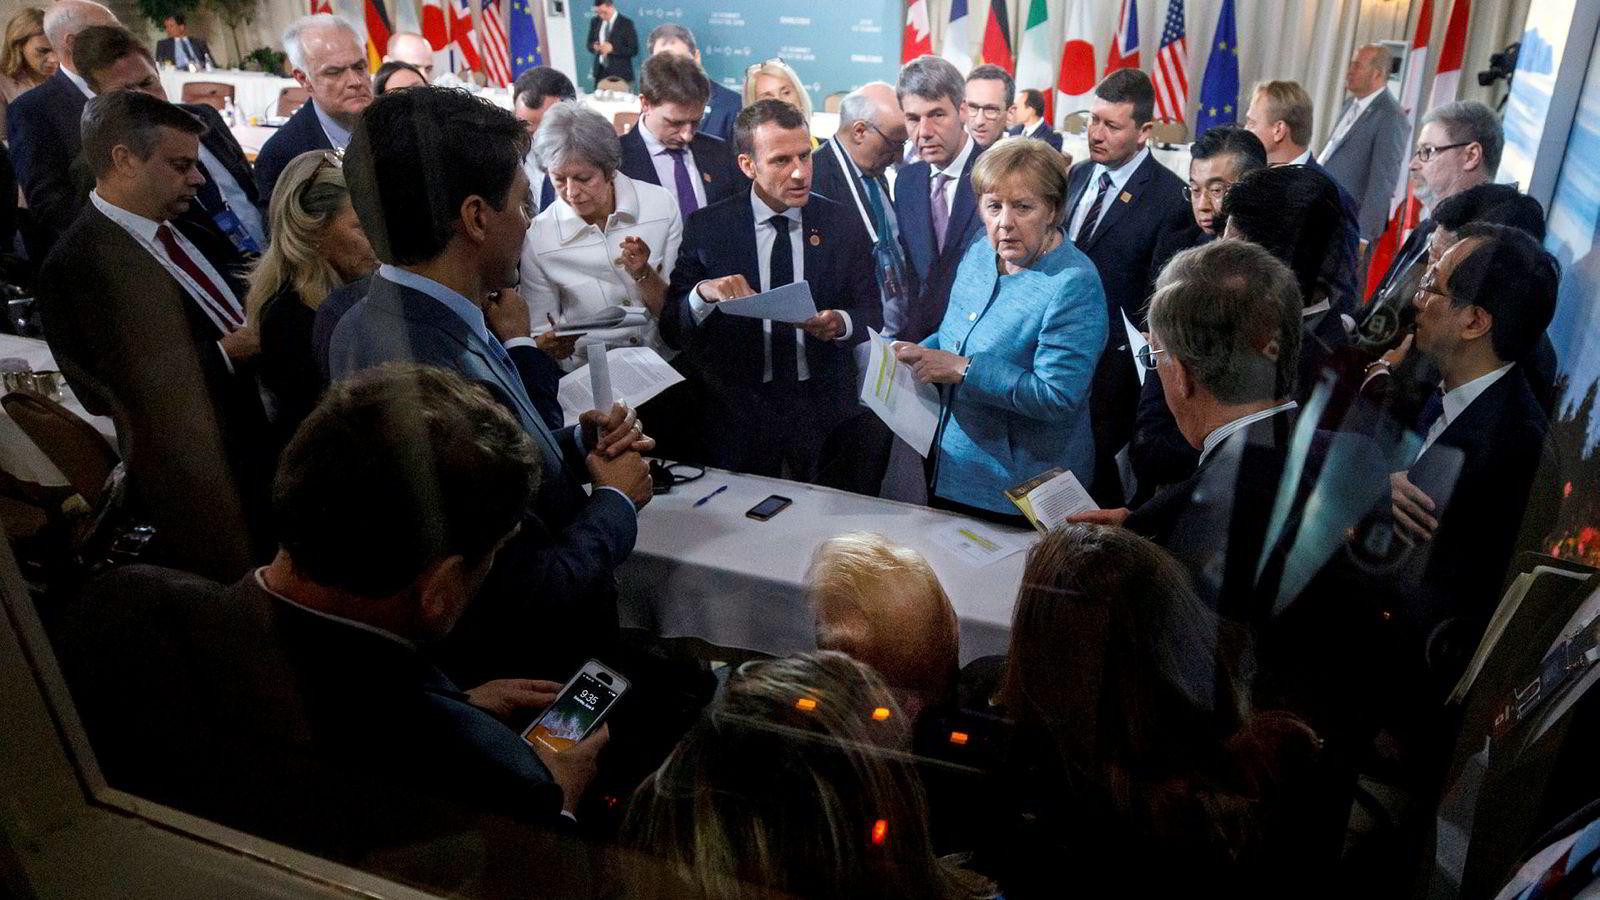 USA og Europa skiller lag i noen av de mest grunnleggende spørsmålene i vår tid. Som i synet på vår tids største krise, global oppvarming. Her fra G7-møtet i Canada, med blant andre Donald Trump, Theresa May, Emmanuel Macron og Angela Merkel.